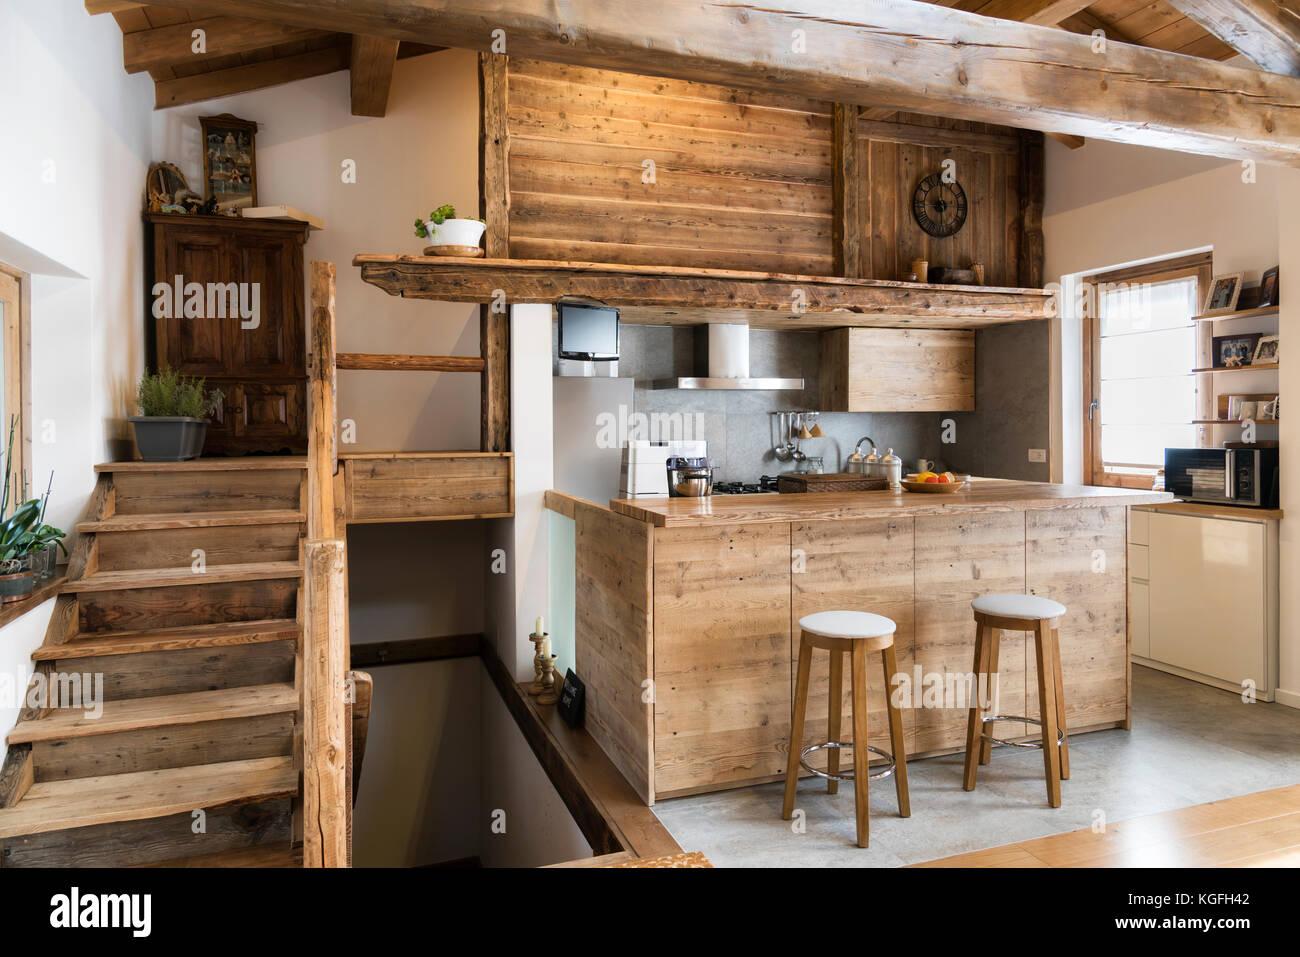 Amüsant Küchen Aus Holz Landhausstil Ideen Von Küche Im